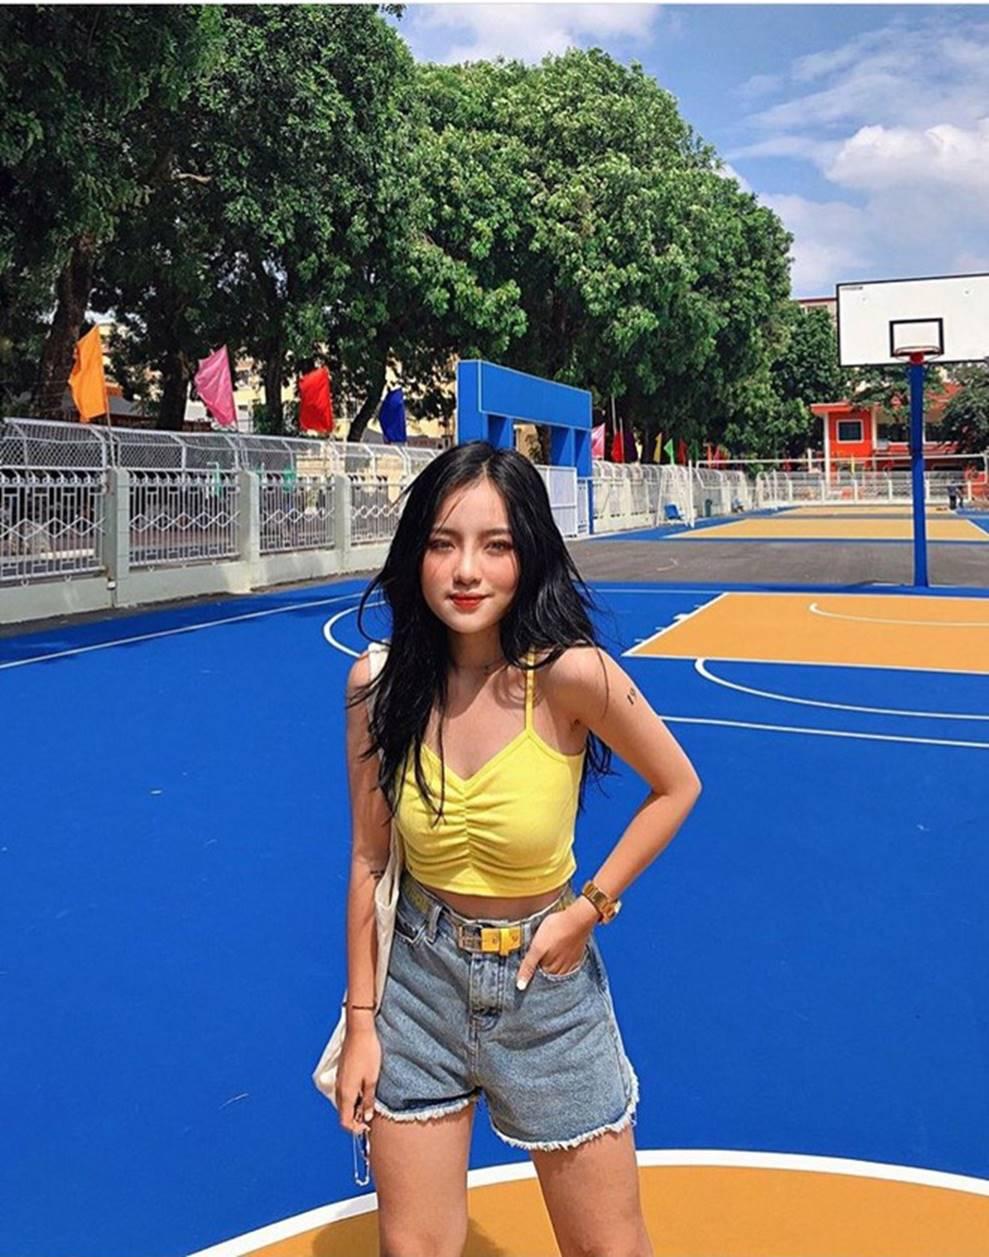 Đang yên đang lành đi sơn mỗi toà một màu sắc, đủ cả xanh đỏ tím vàng: ĐH Hà Nội muốn trở thành trường màu mè hoa lá nhất Việt Nam?-10